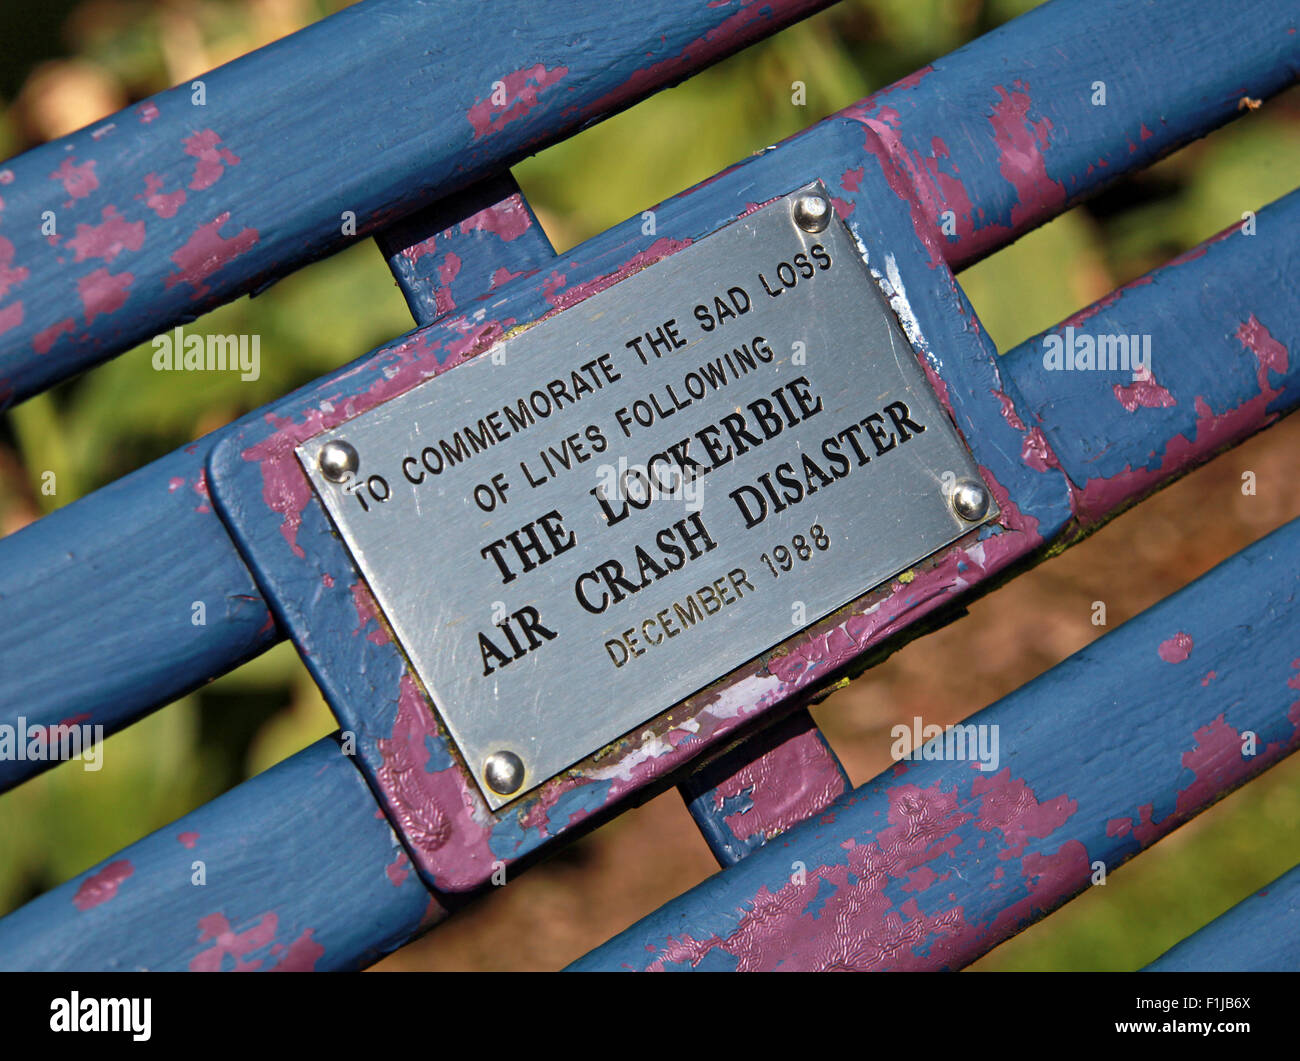 Laden Sie dieses Alamy Stockfoto Lockerbie PanAm103 In Erinnerung Memorial Bank, Schottland - F1JB6X